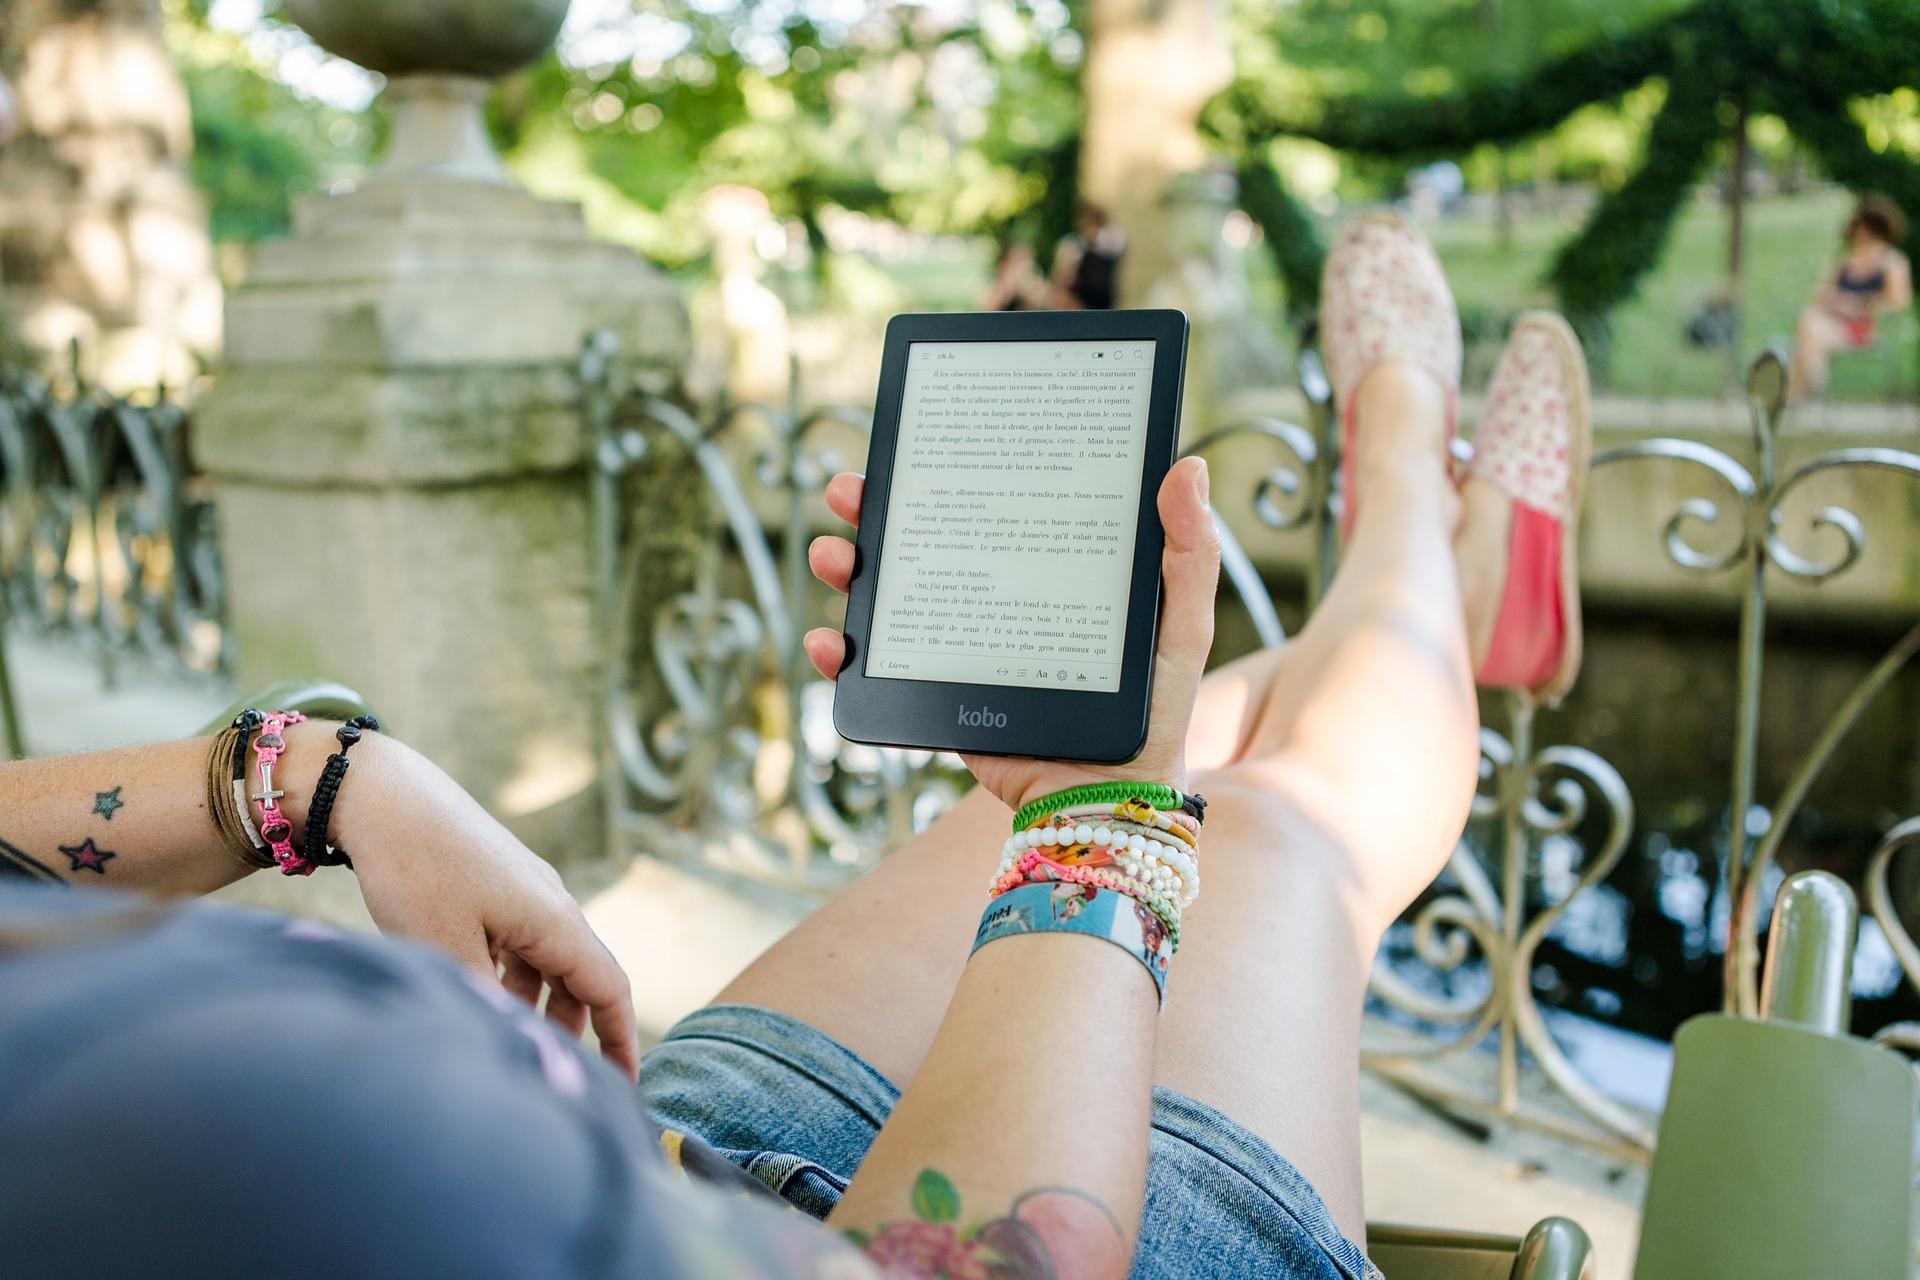 Publicystyka - Wolimy czytać e-booki na Kindle? Wyniki badania Granice.pl